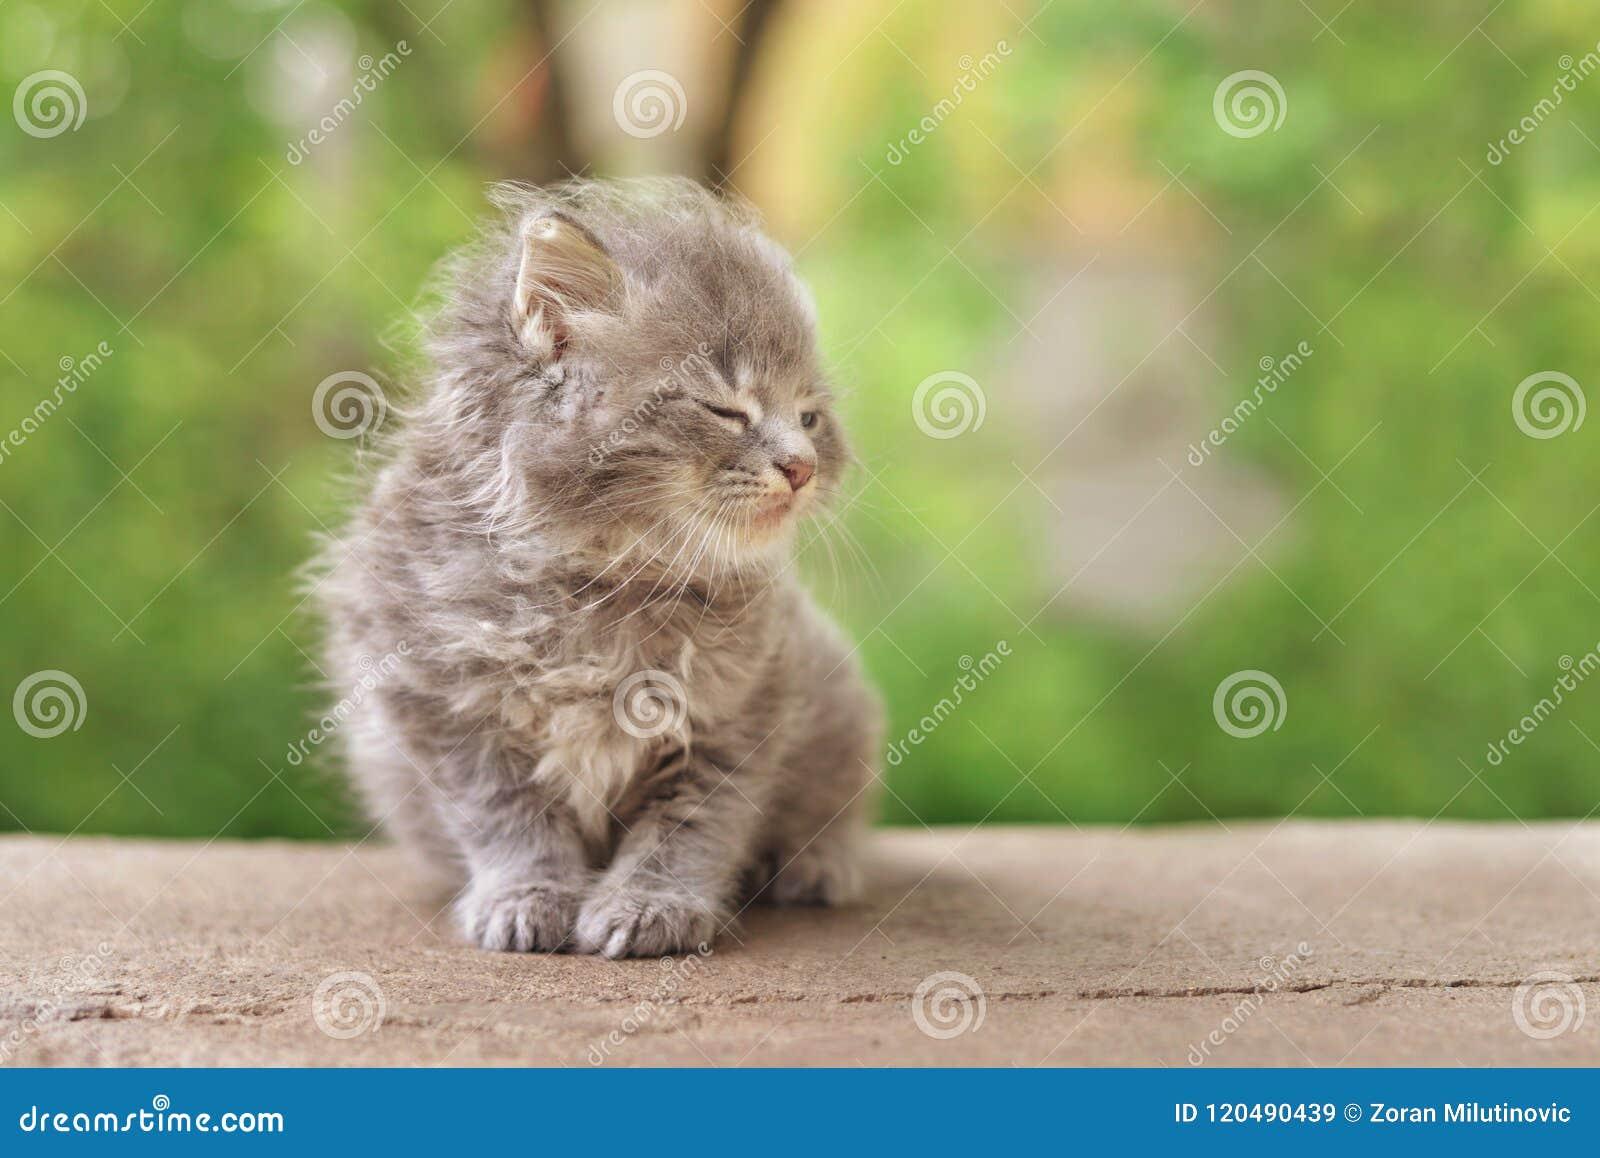 Sehr nettes flaumiges Kätzchen